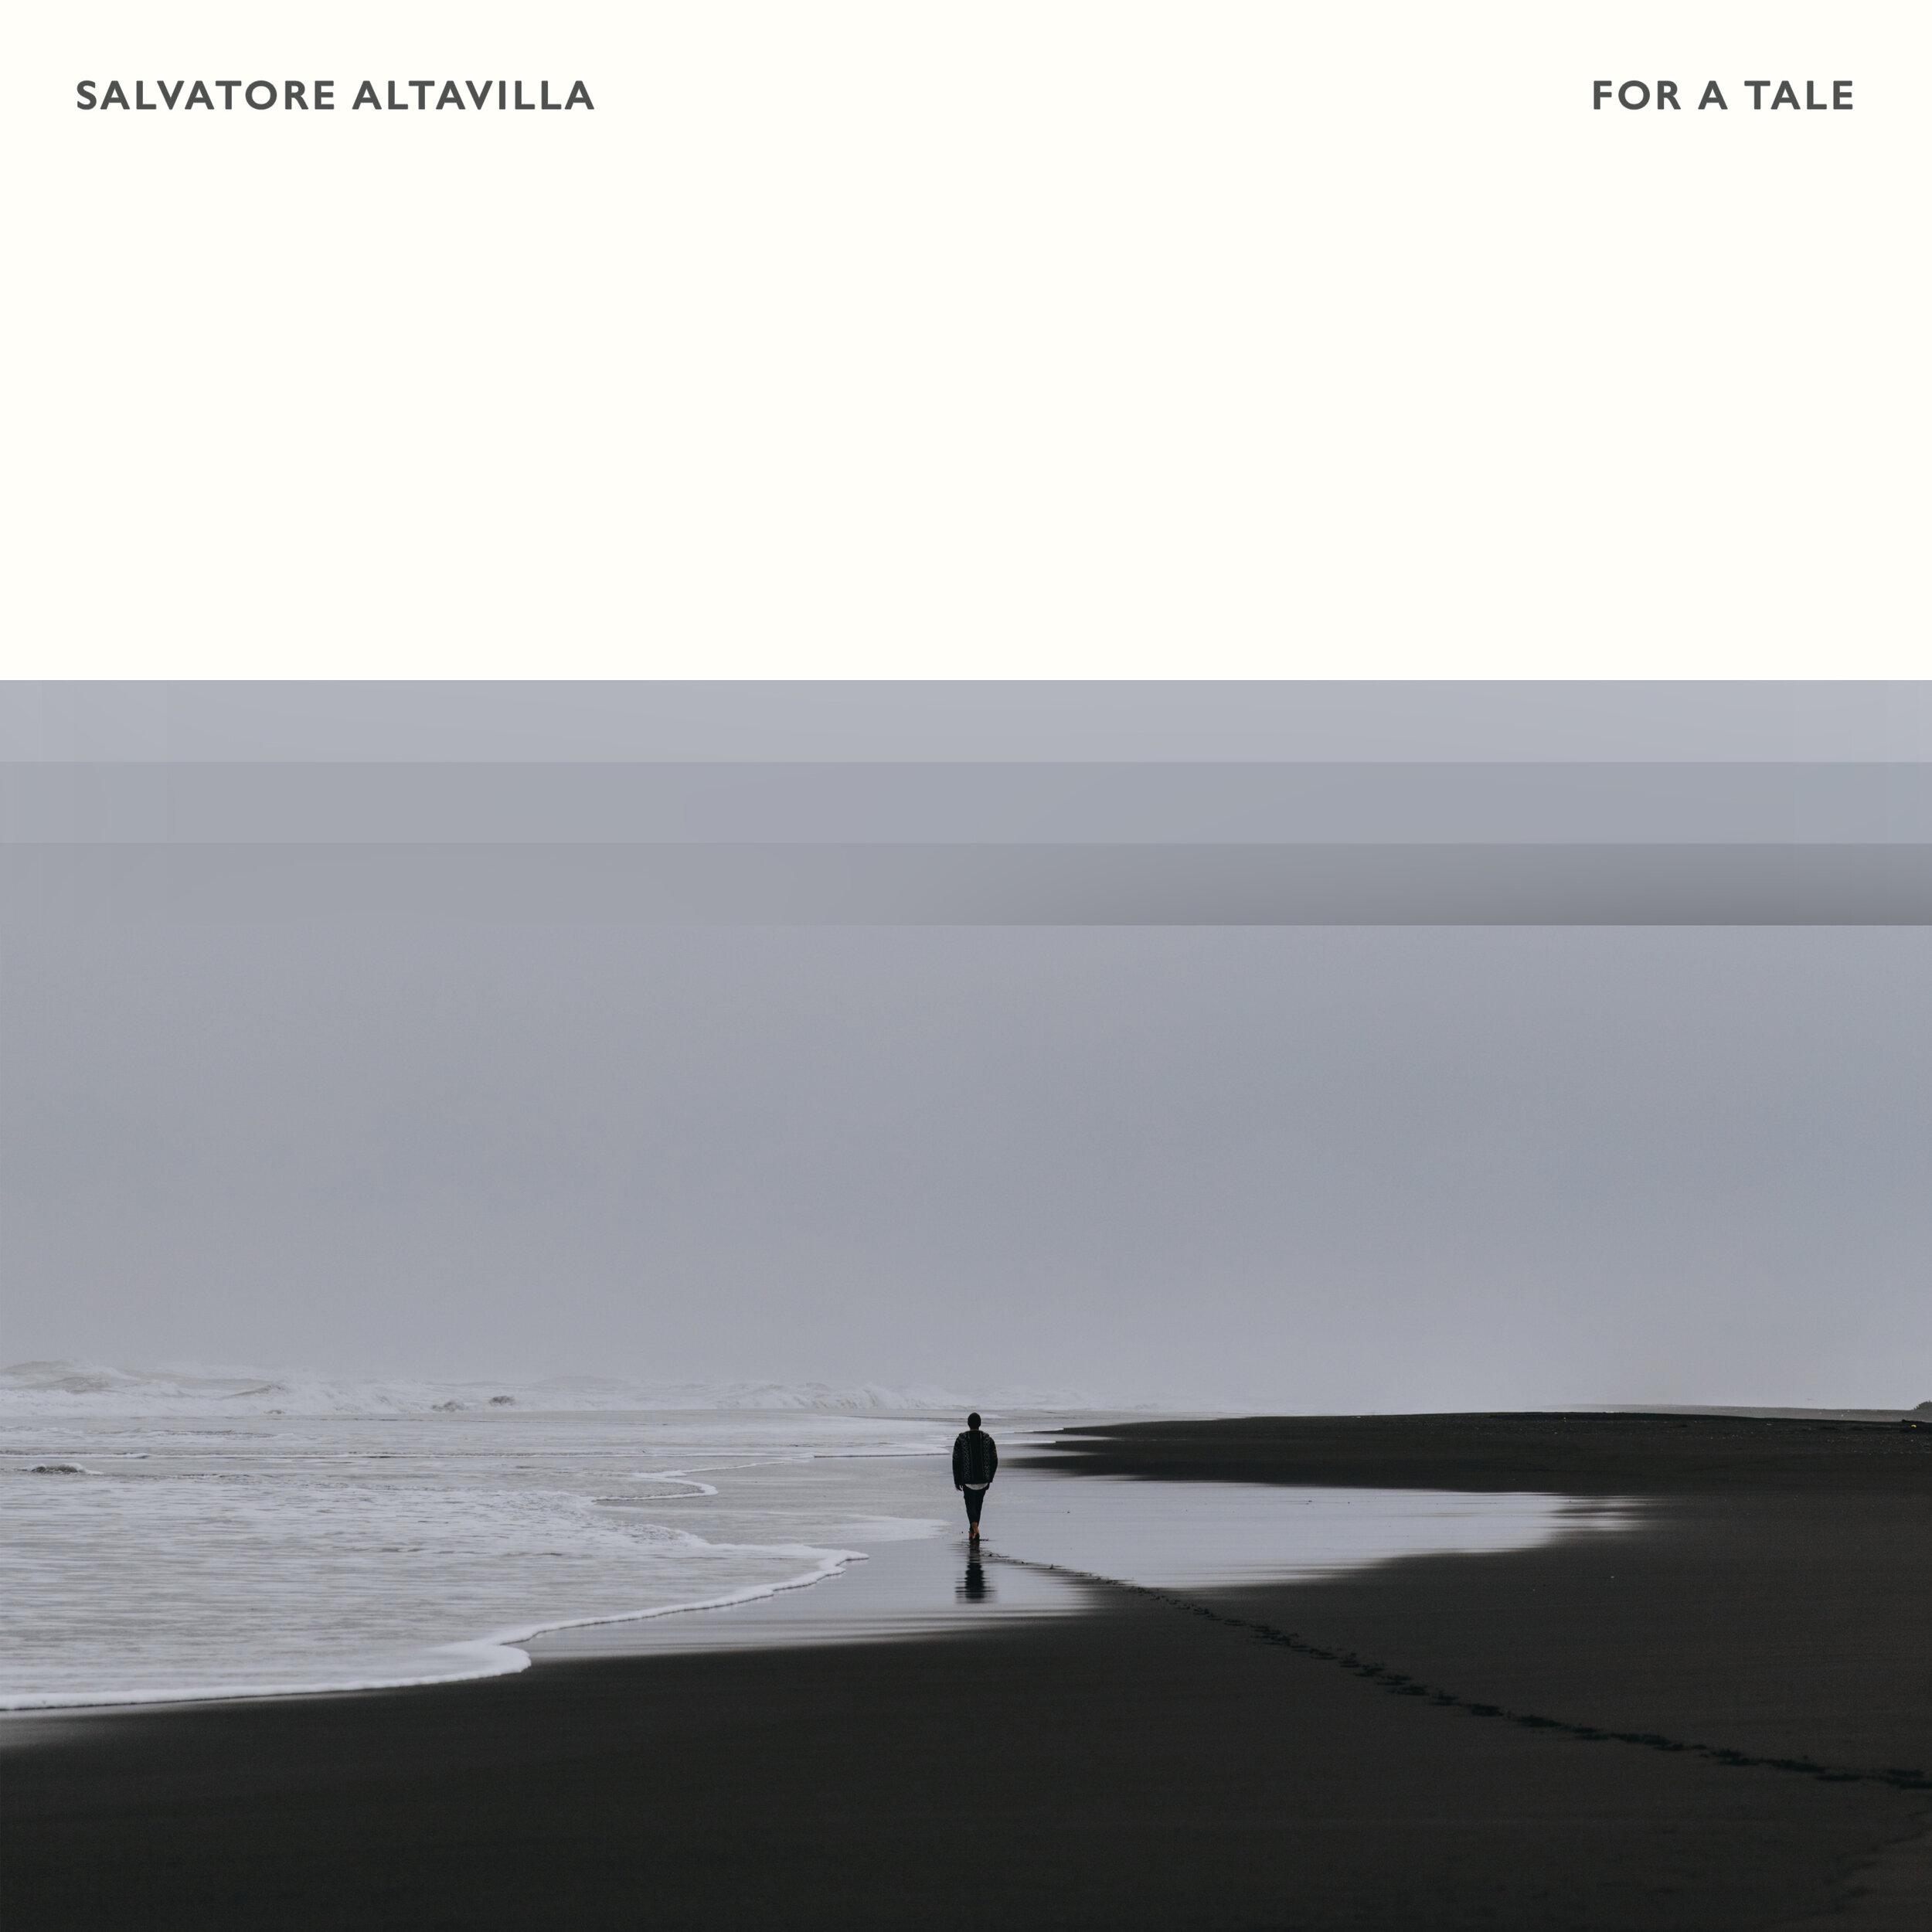 Salvatore Altavilla - For A Tale